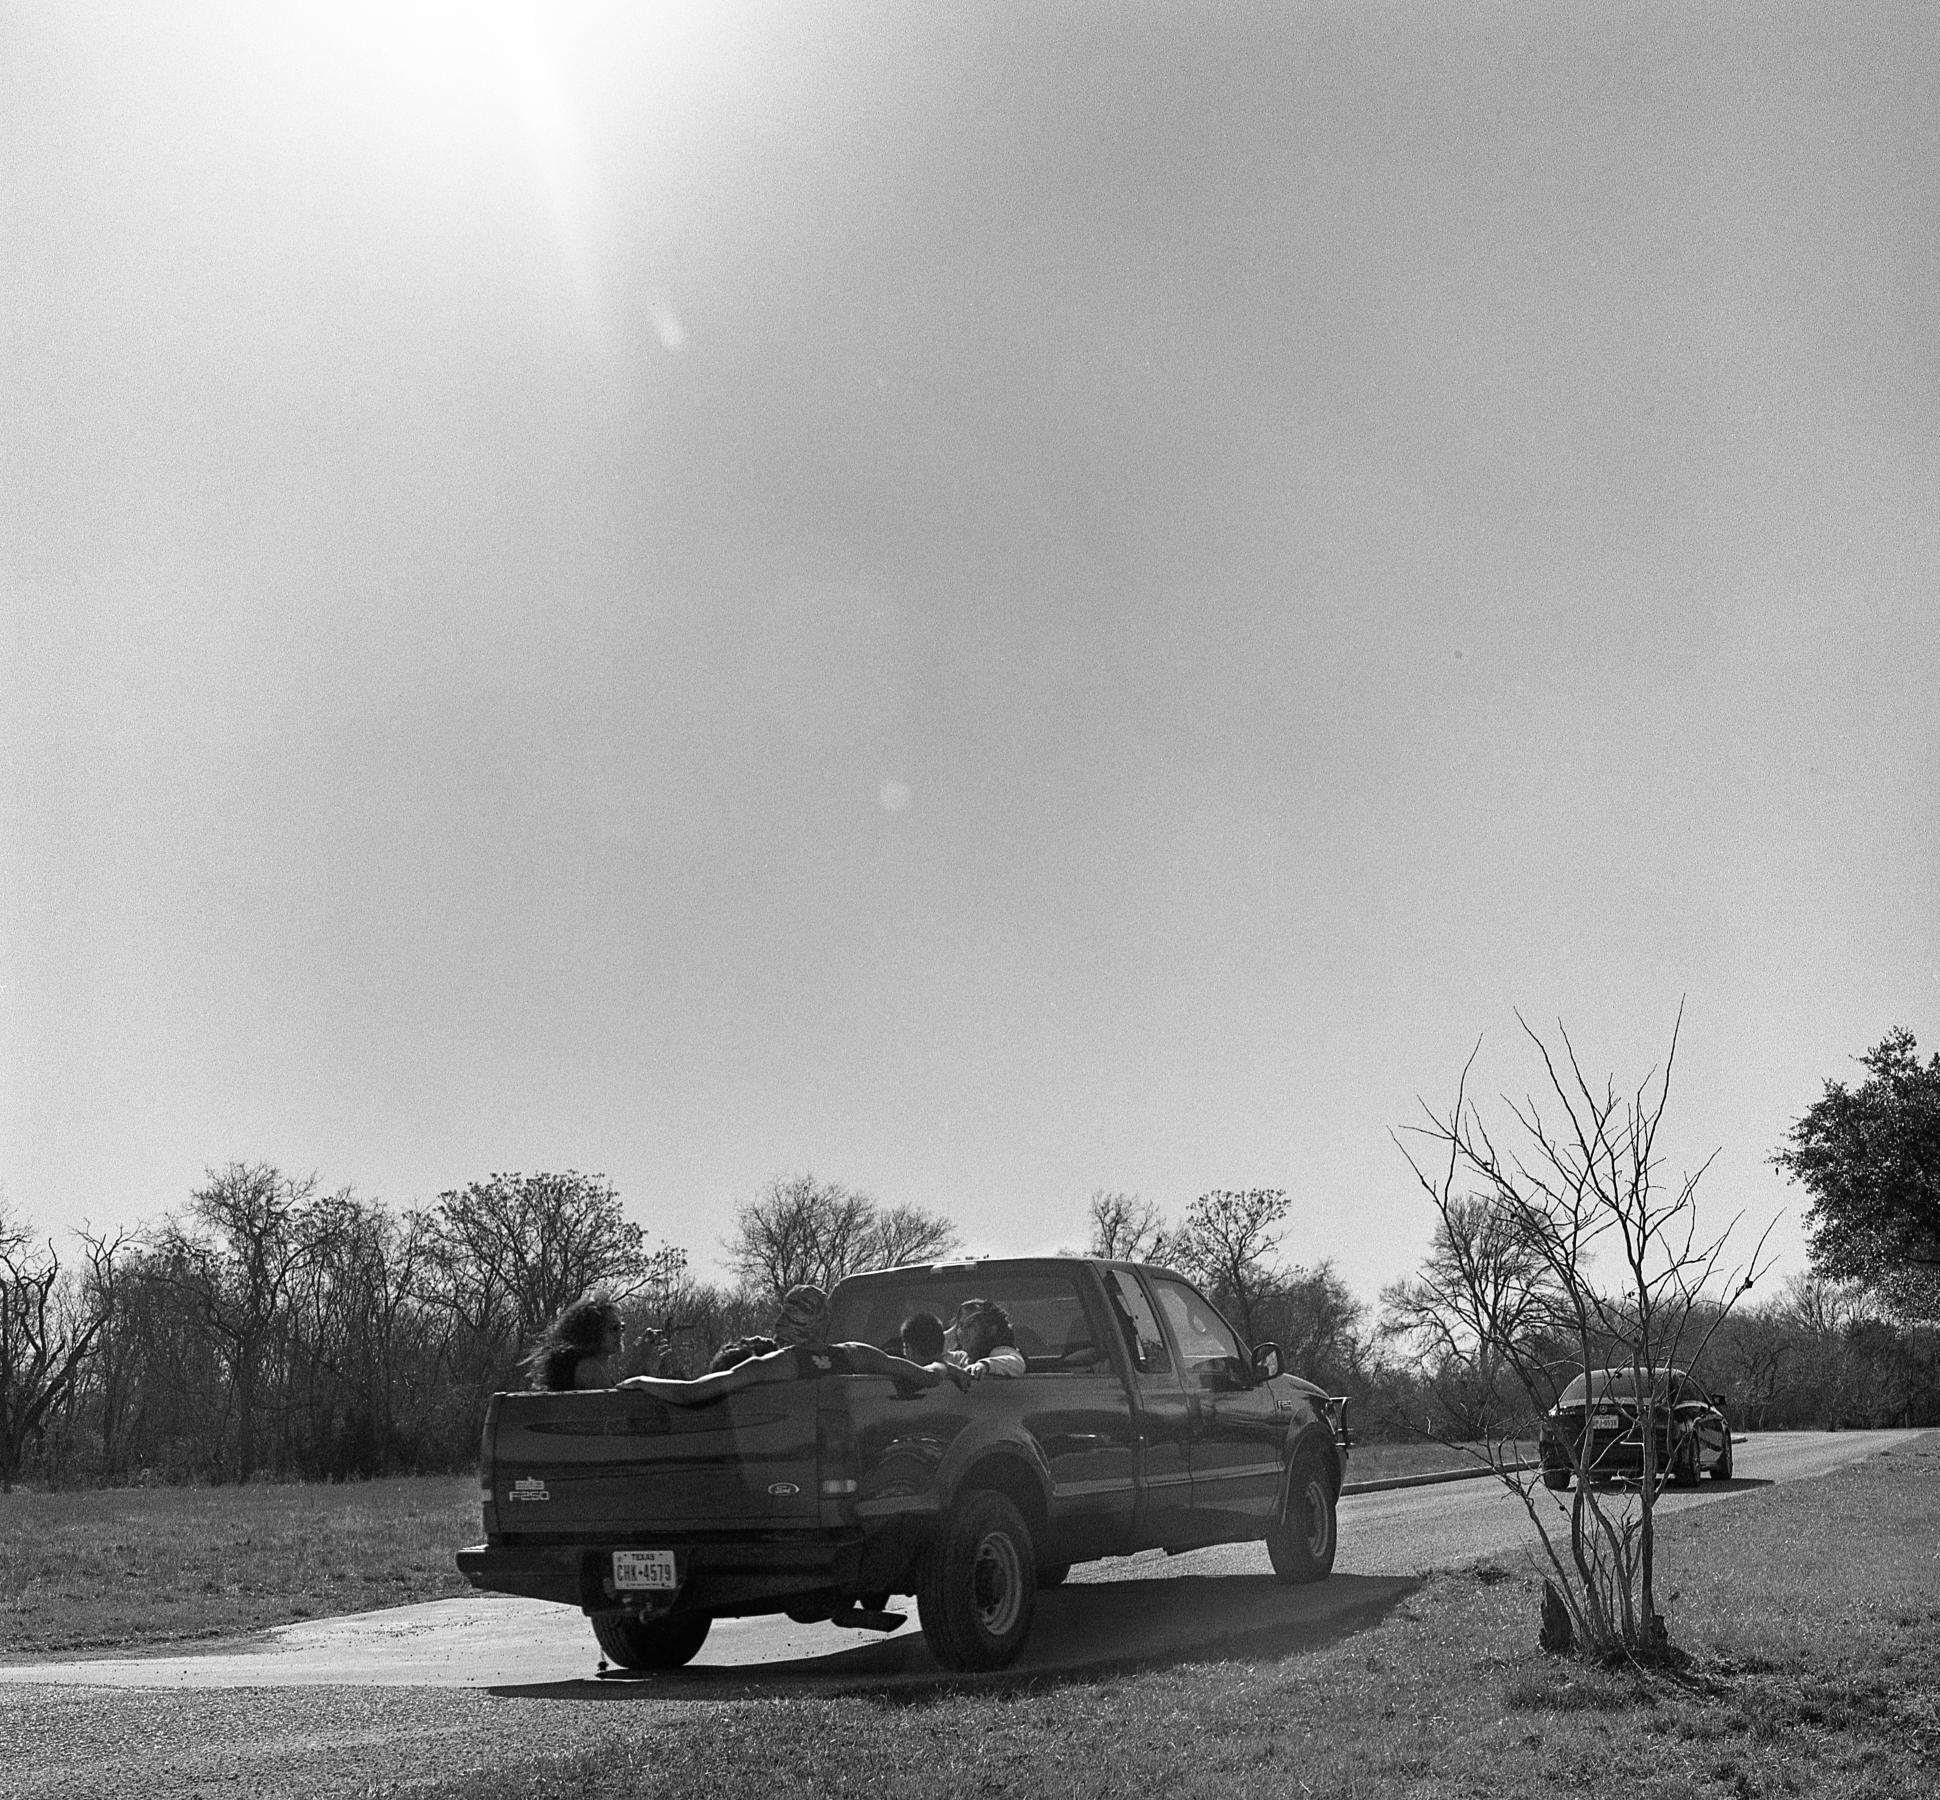 truckload 2 (1 of 1)sm.JPG